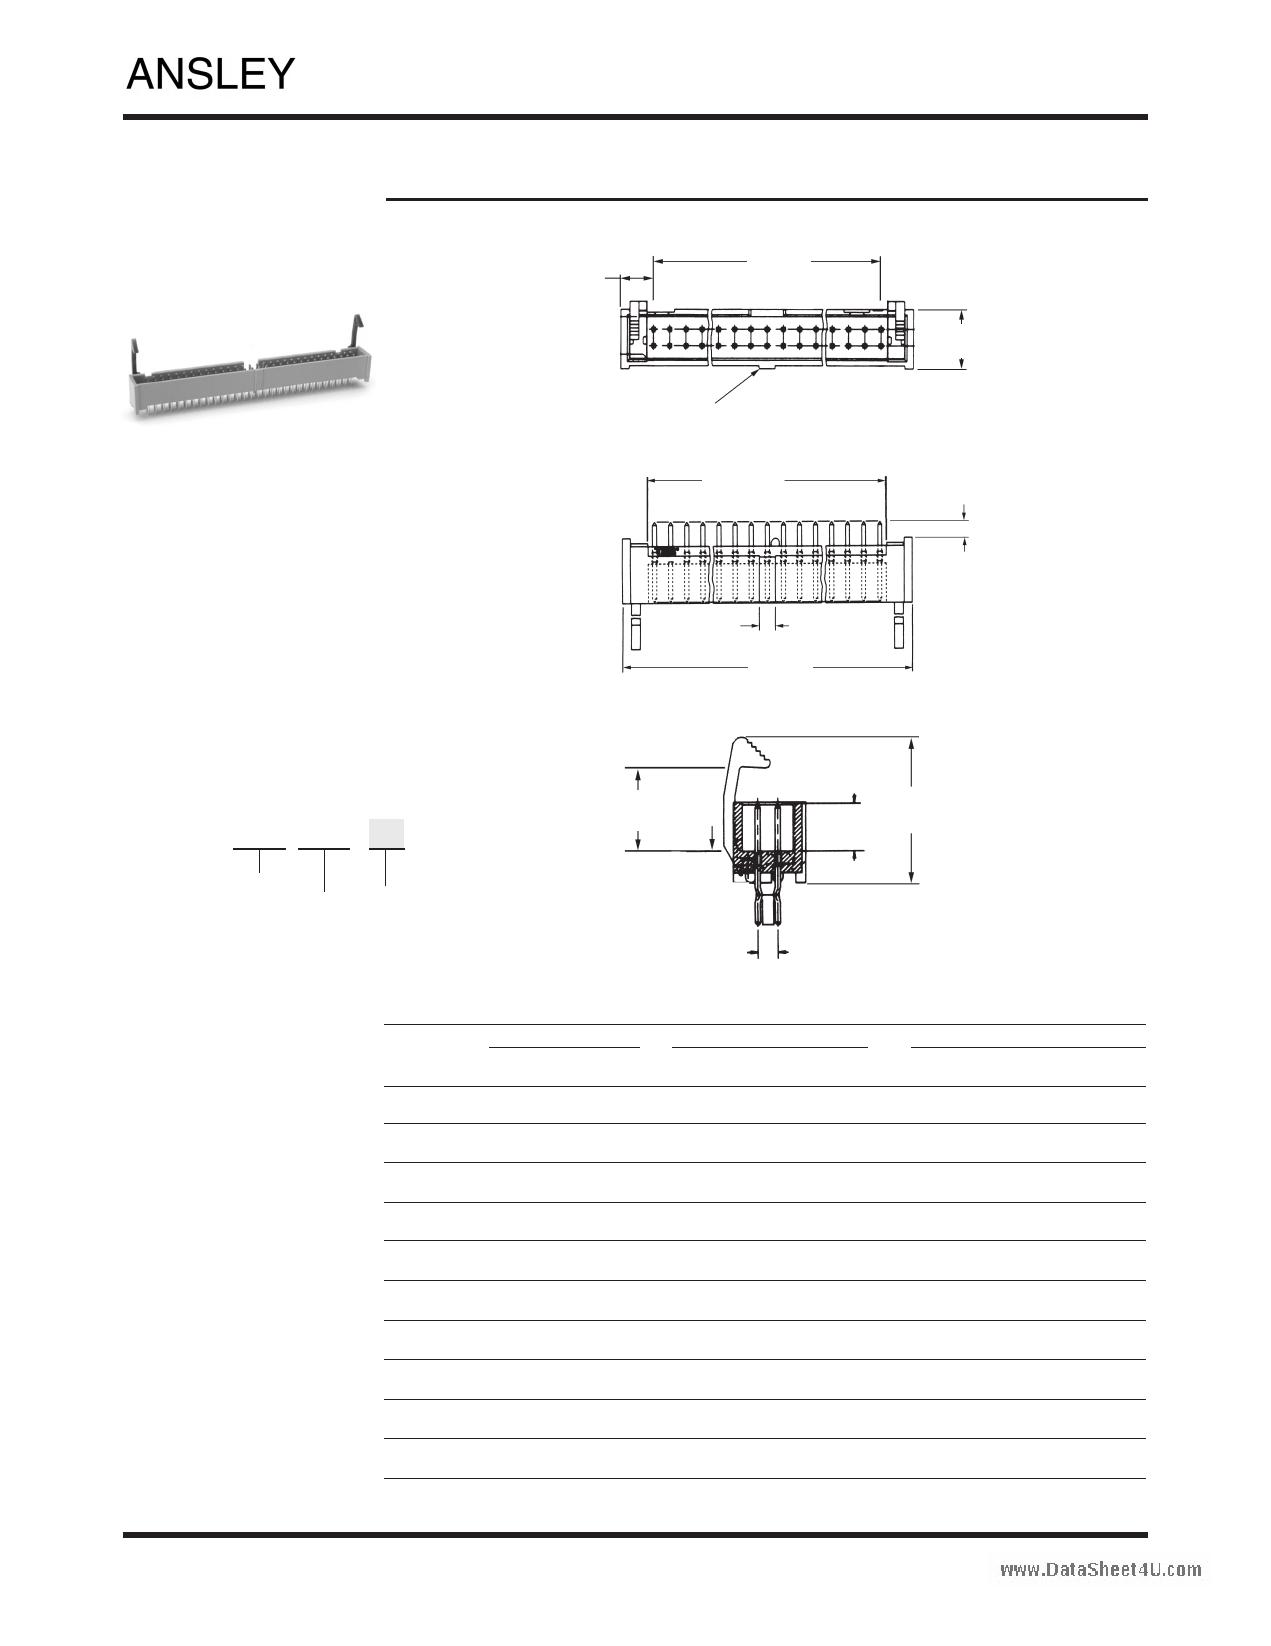 9-143xxxx-x pdf